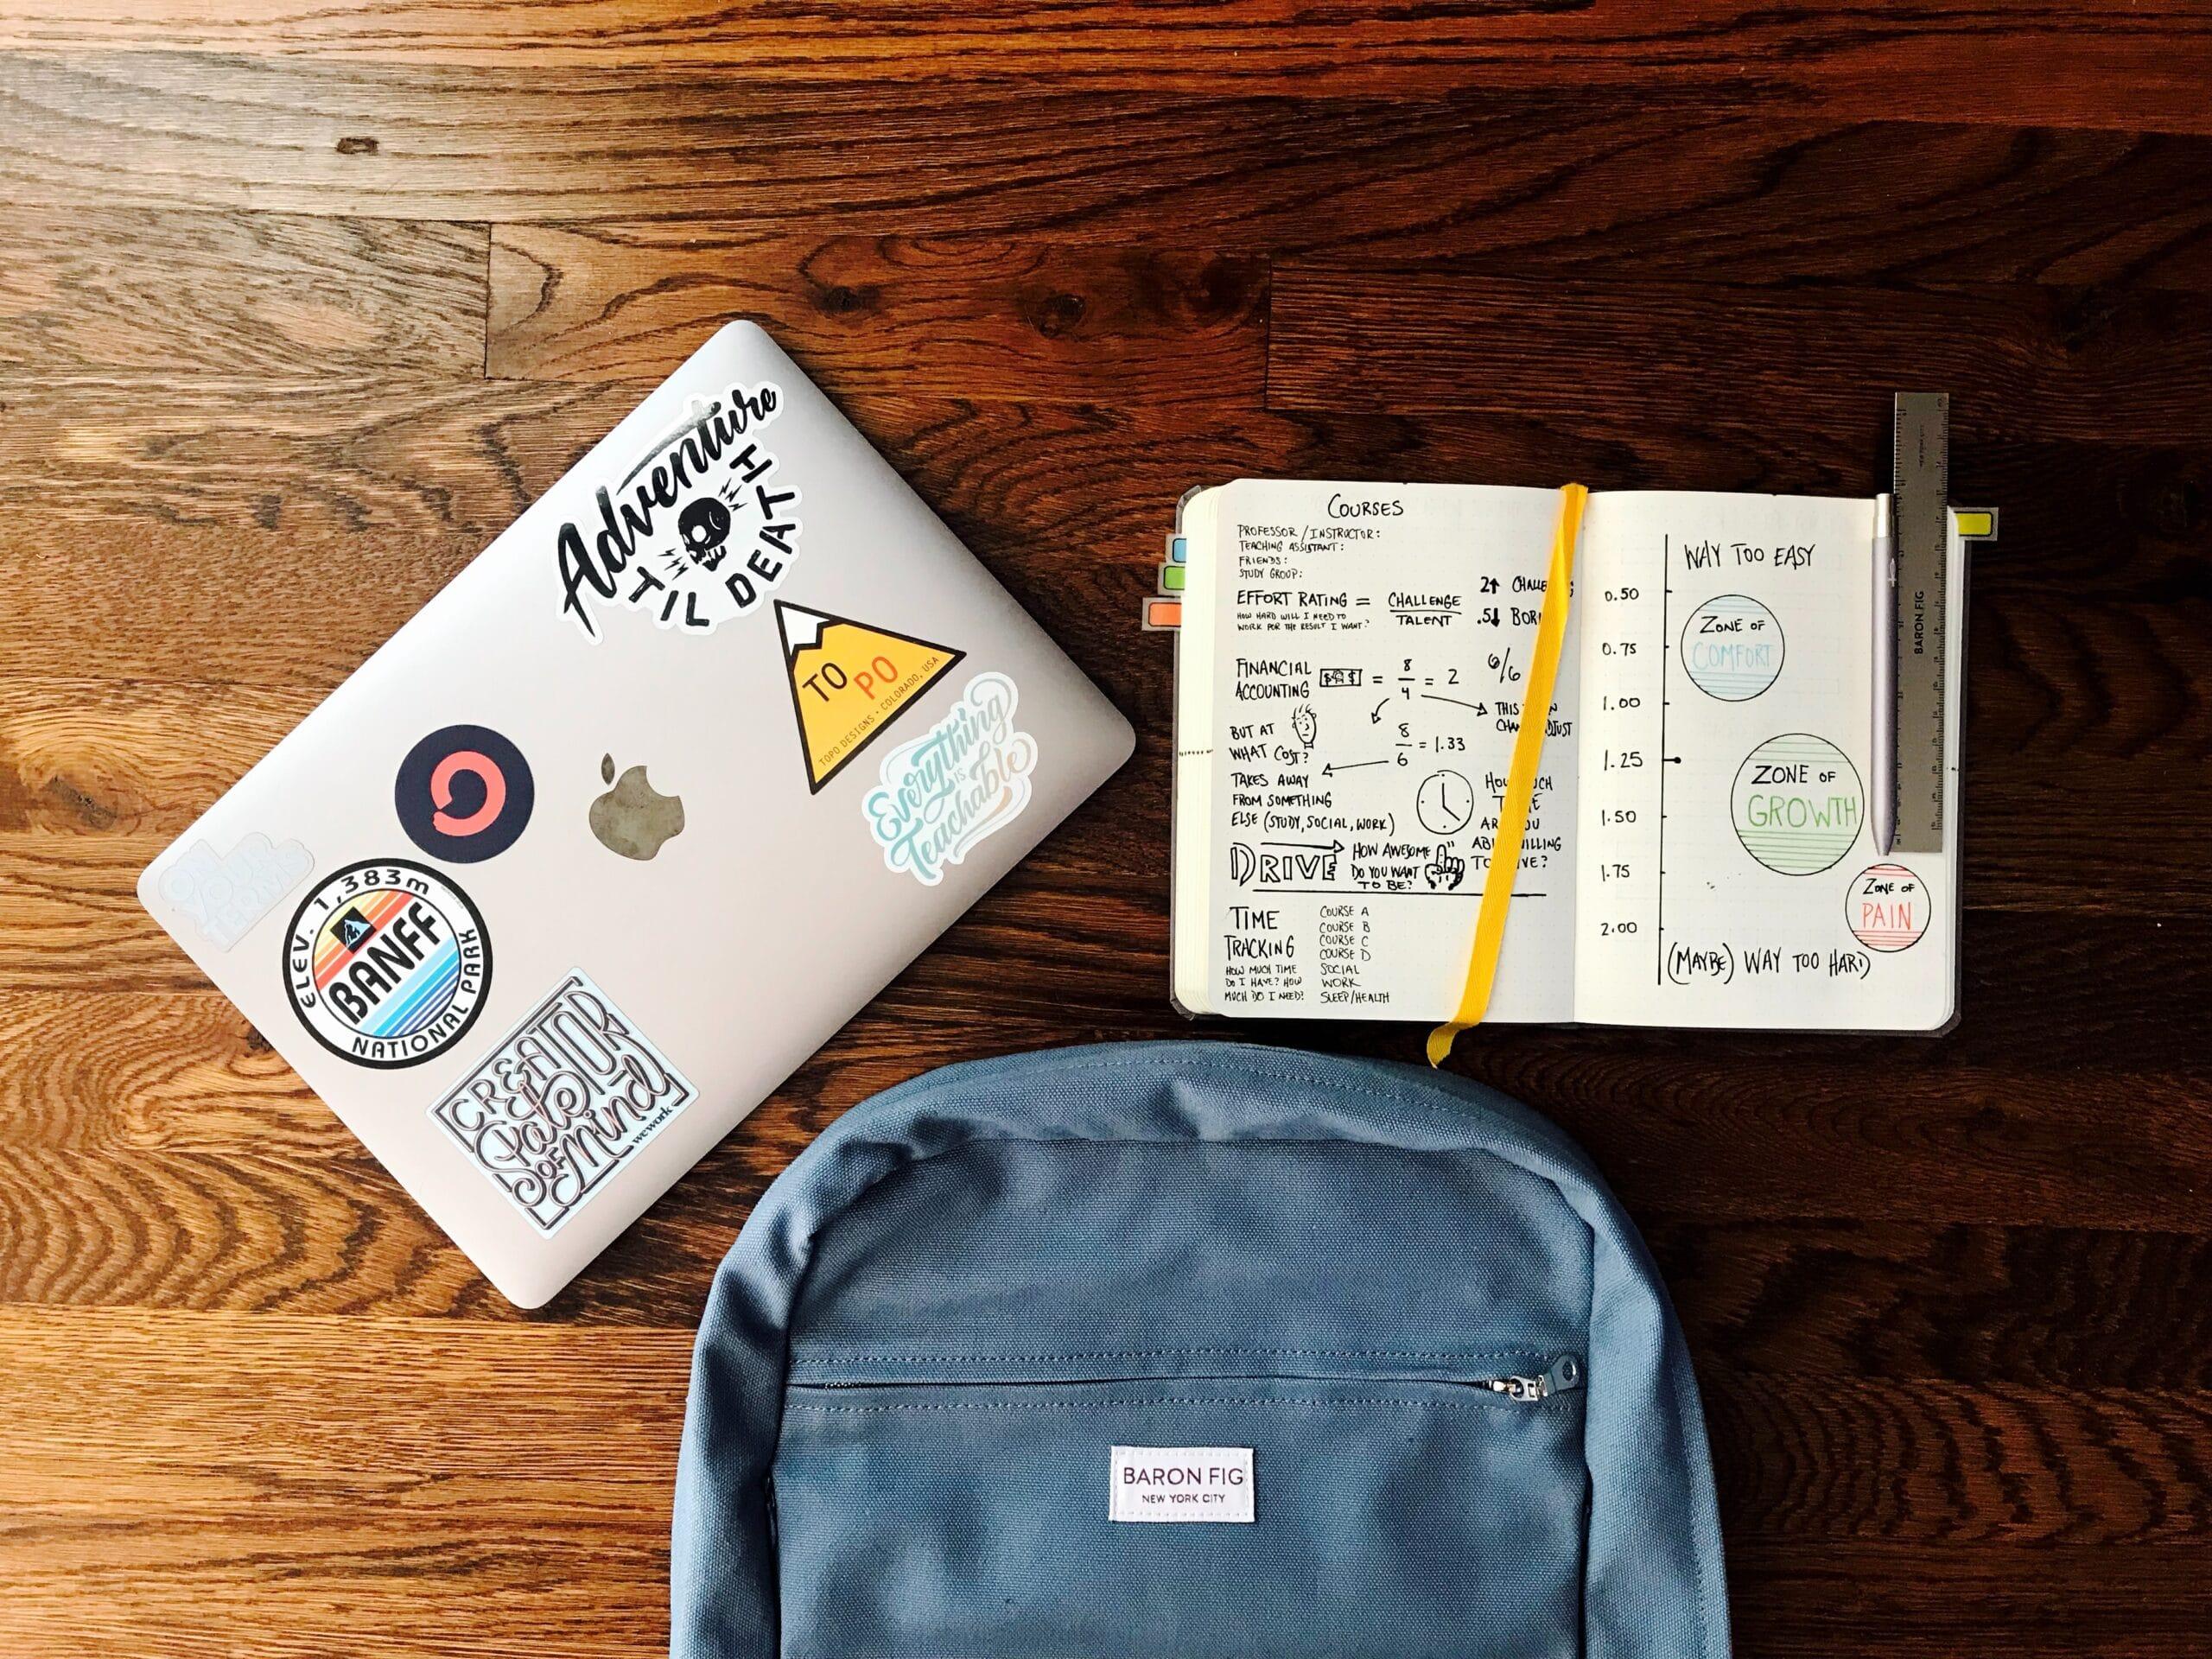 Back to school: gli indispensabili per il rientro a scuola thumbnail